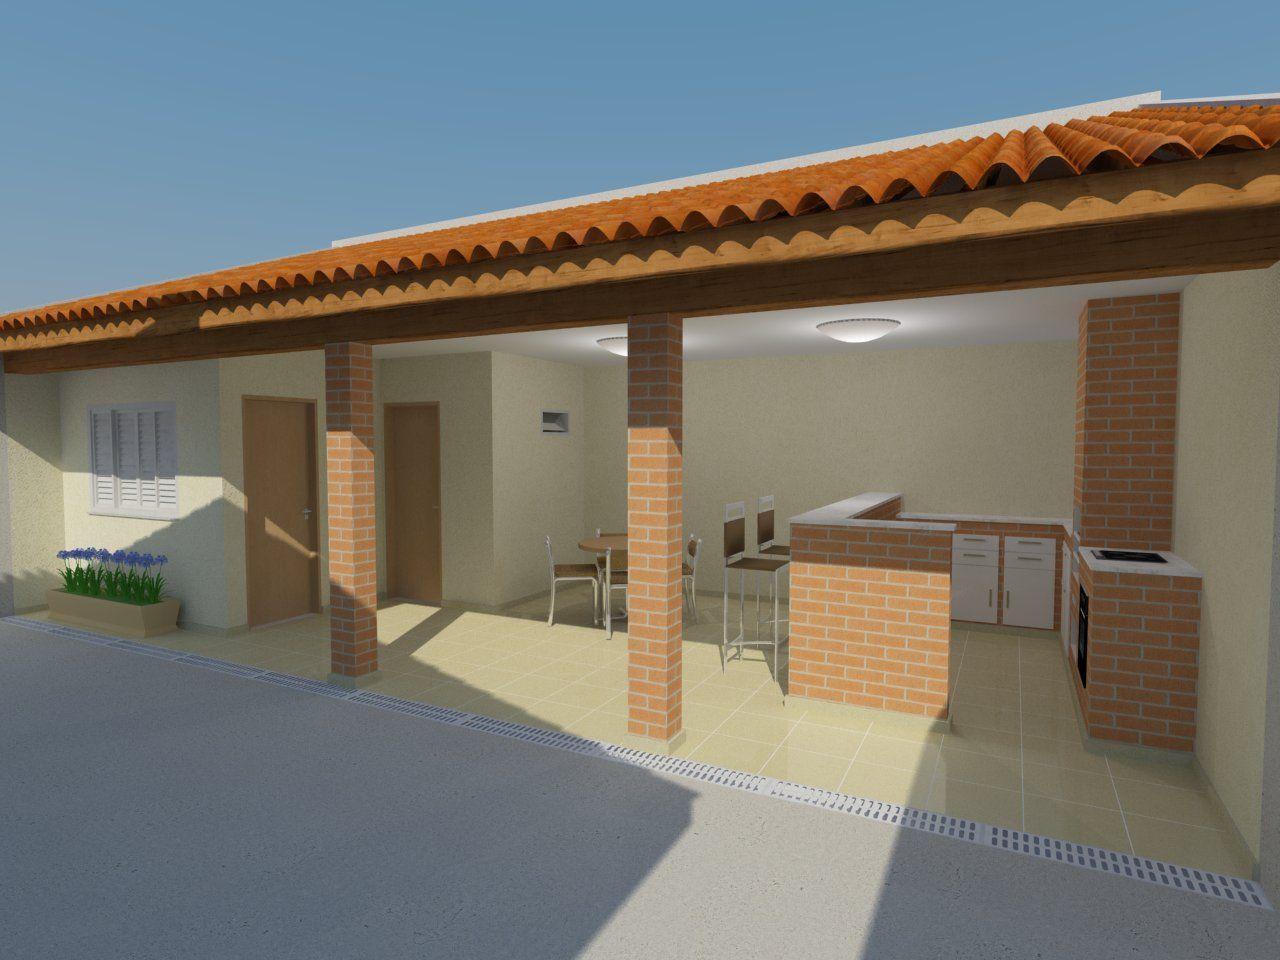 area de serviço com quarto e banheiro  Pesquisa Google  Bina  Pinterest   -> Banheiro Simples Para Area De Lazer